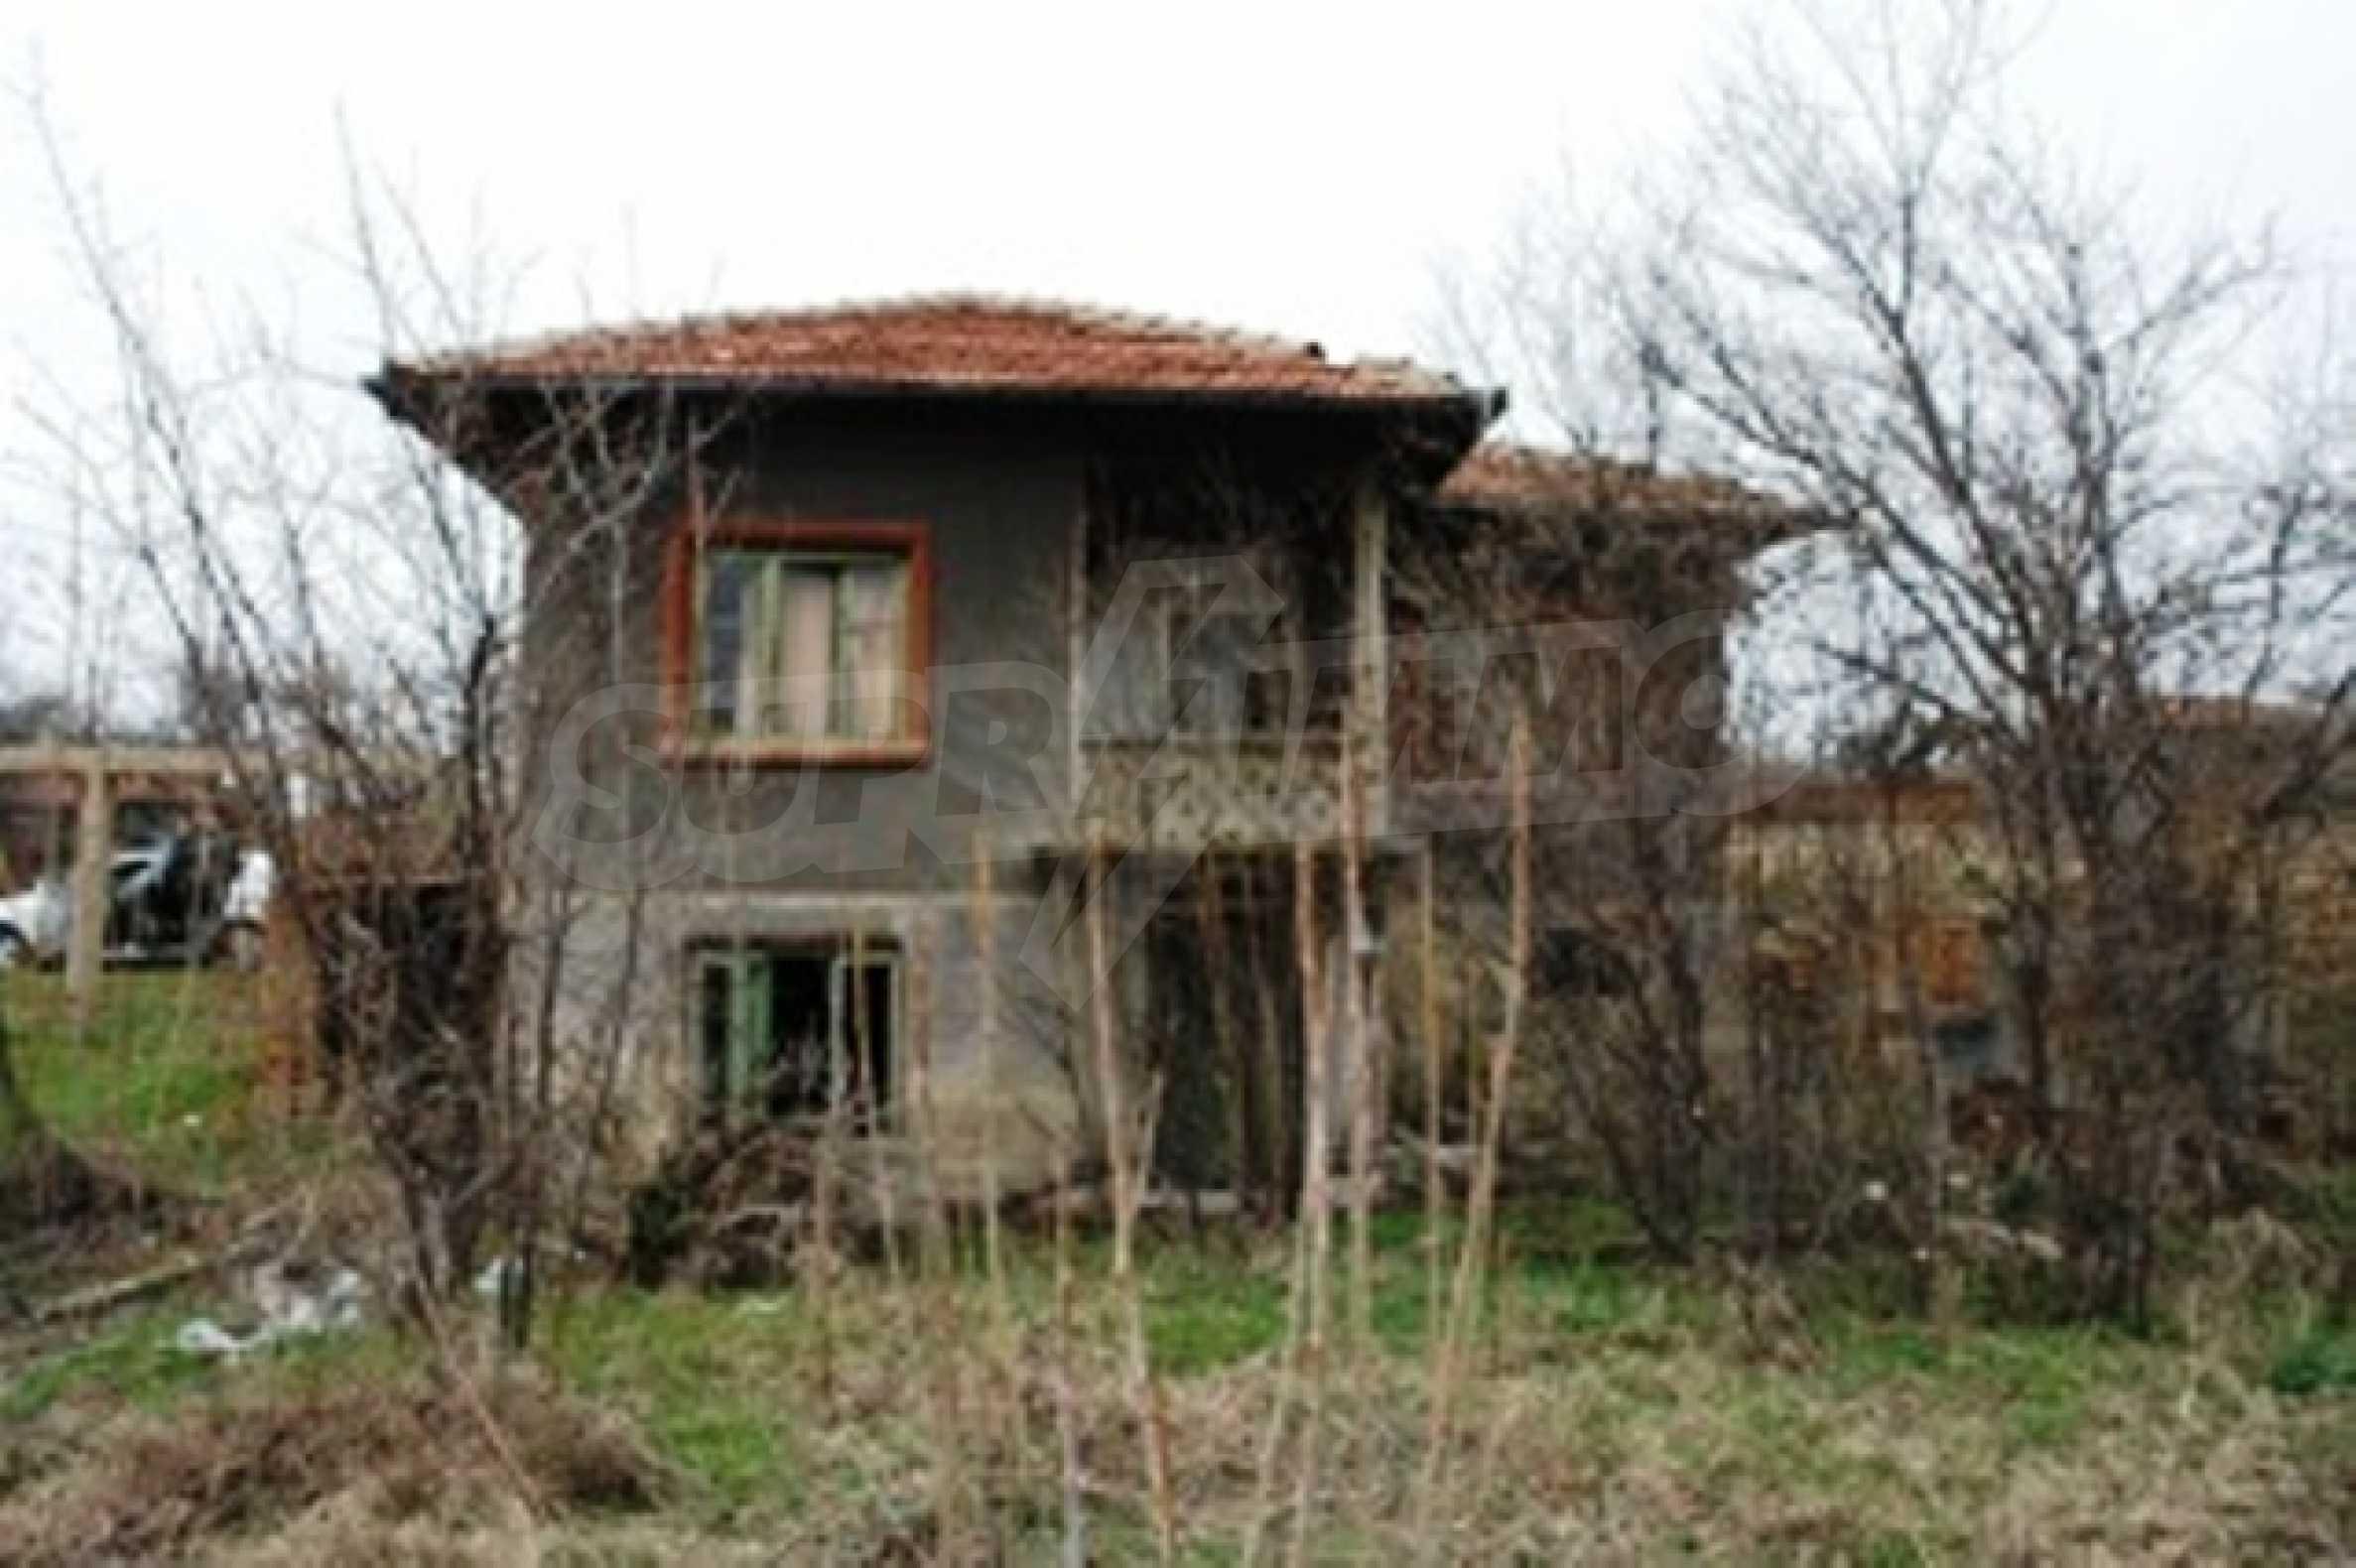 House for sale in Beltsov village 3